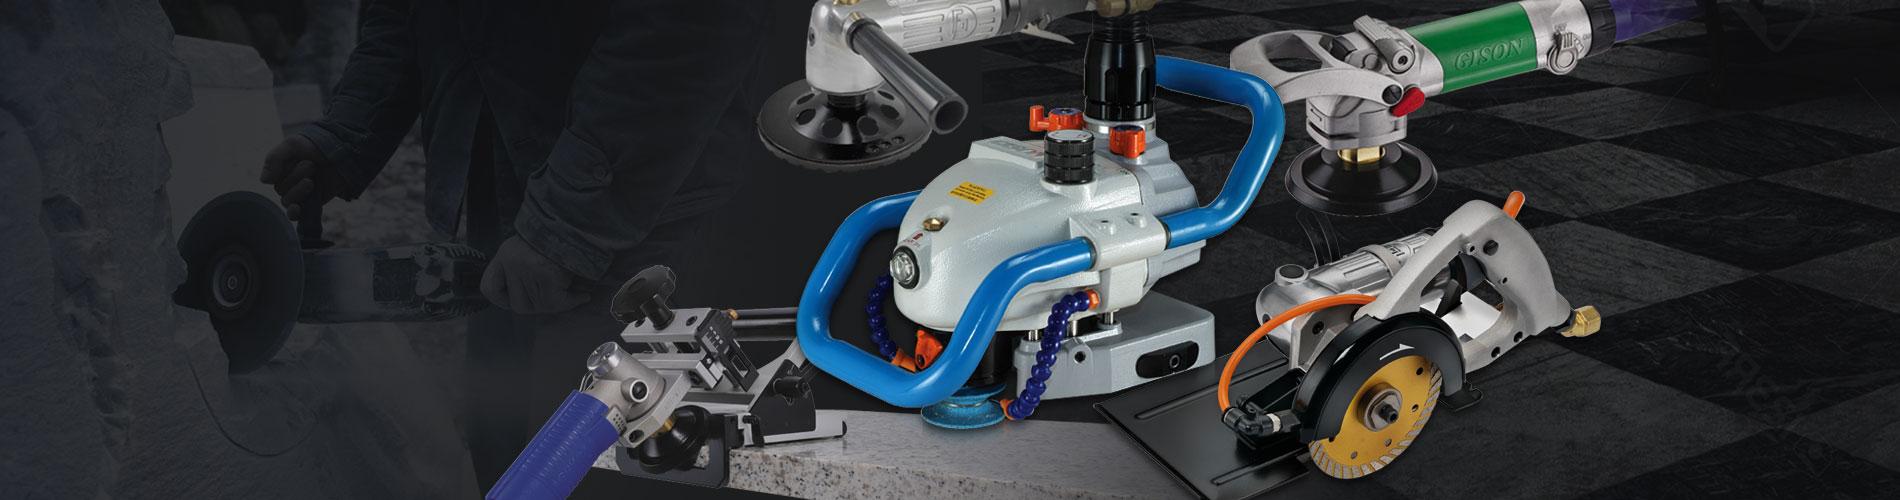 石用空気圧工具 さまざまな石に使用 成形、切断、水フライス加工